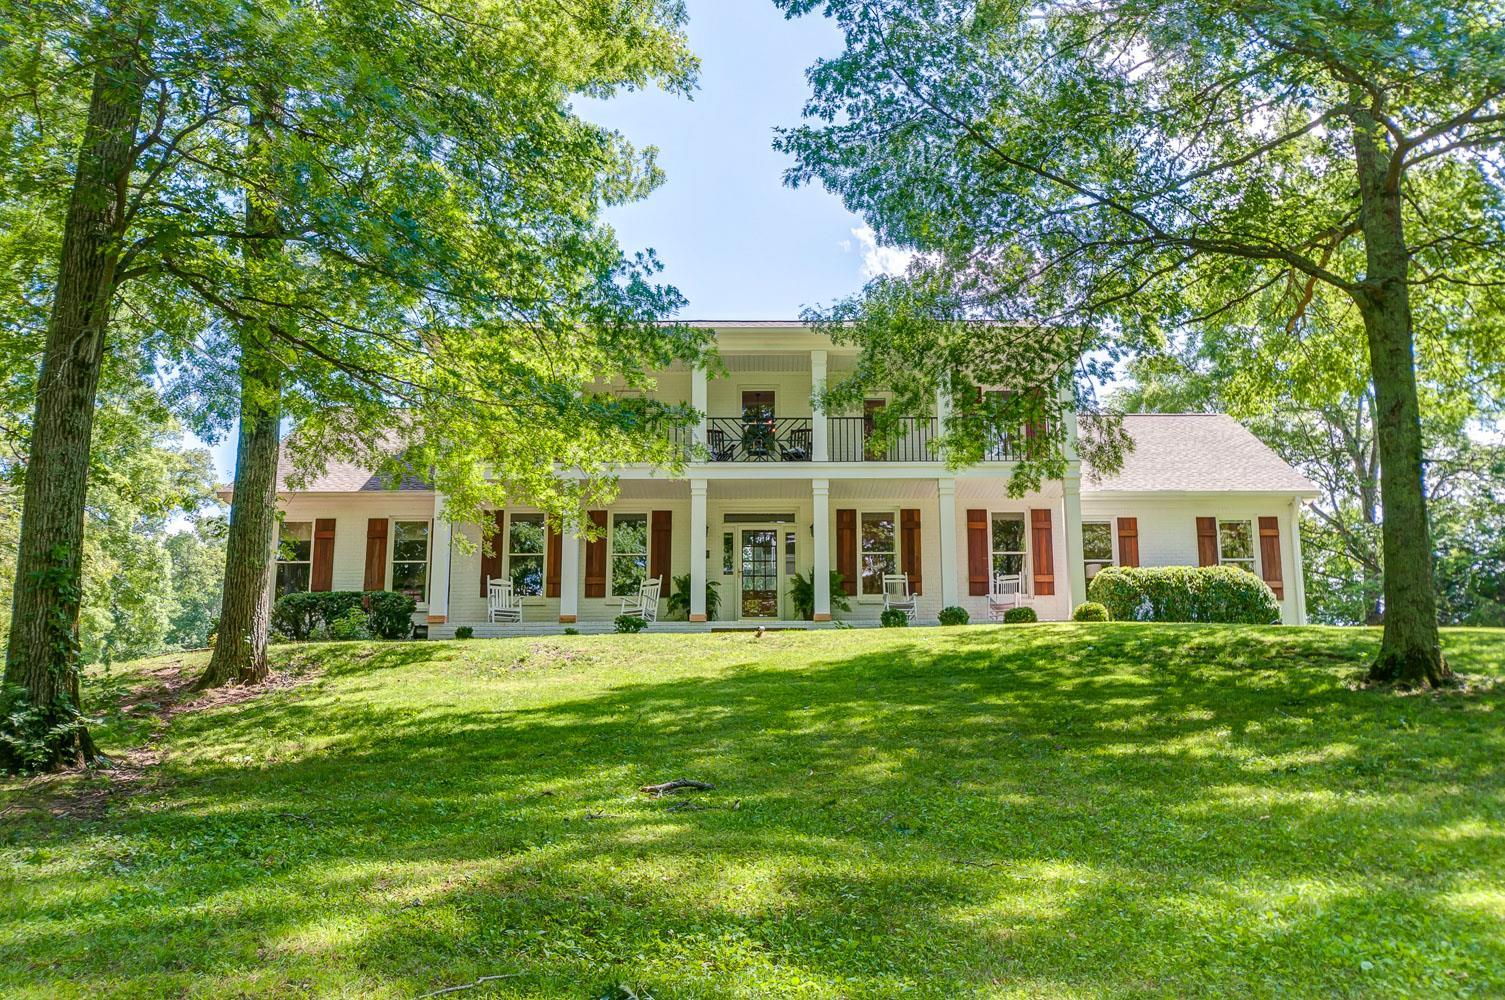 2675 Sanford Rd, Nolensville, TN 37135 - Nolensville, TN real estate listing